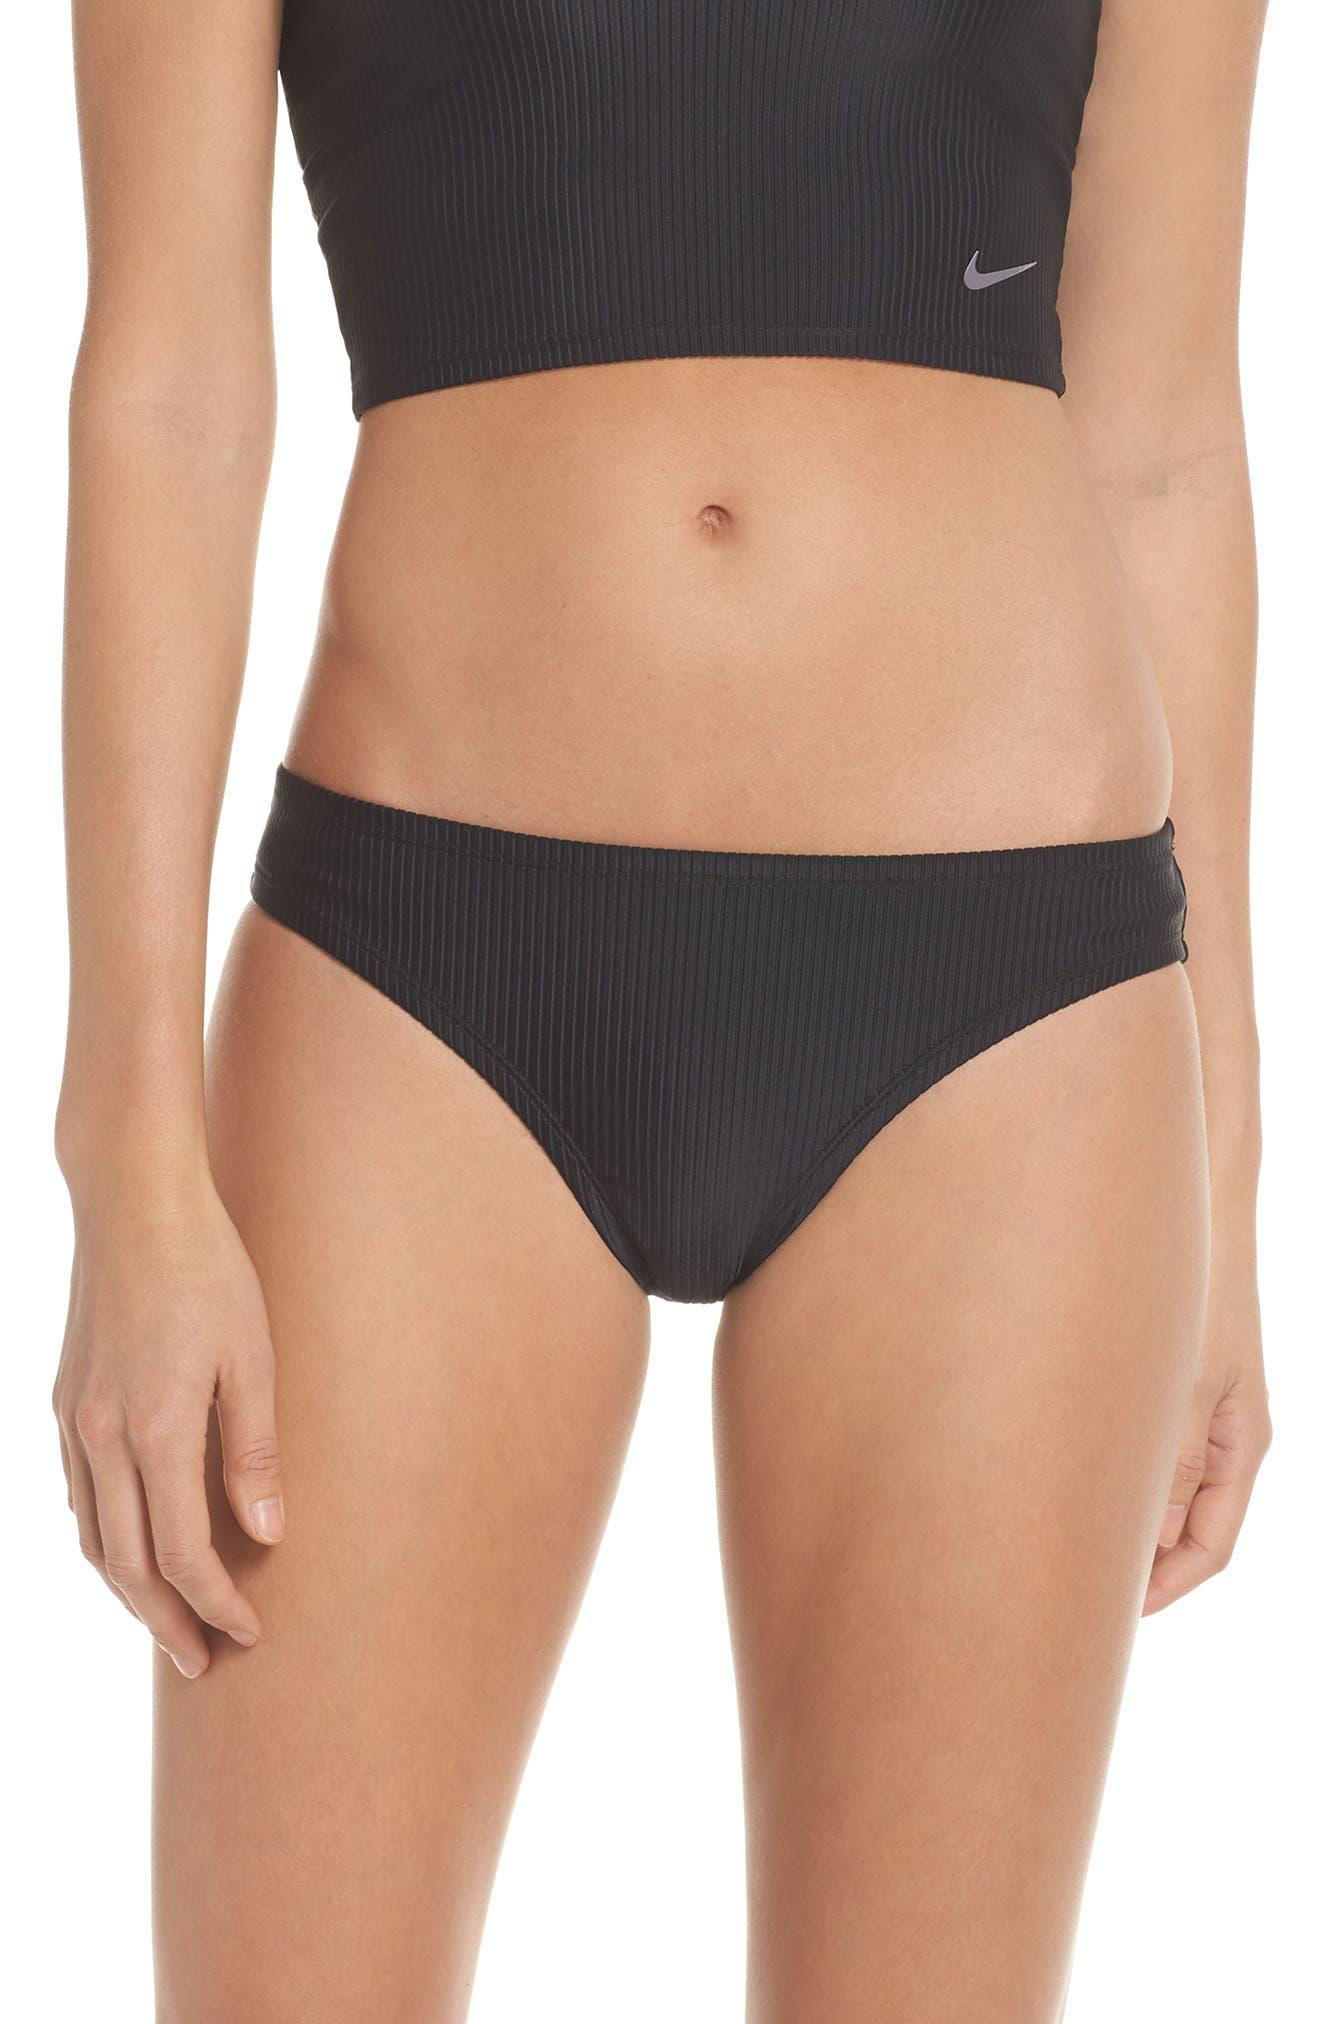 Bikini Bottoms,                             Main thumbnail 1, color,                             Black